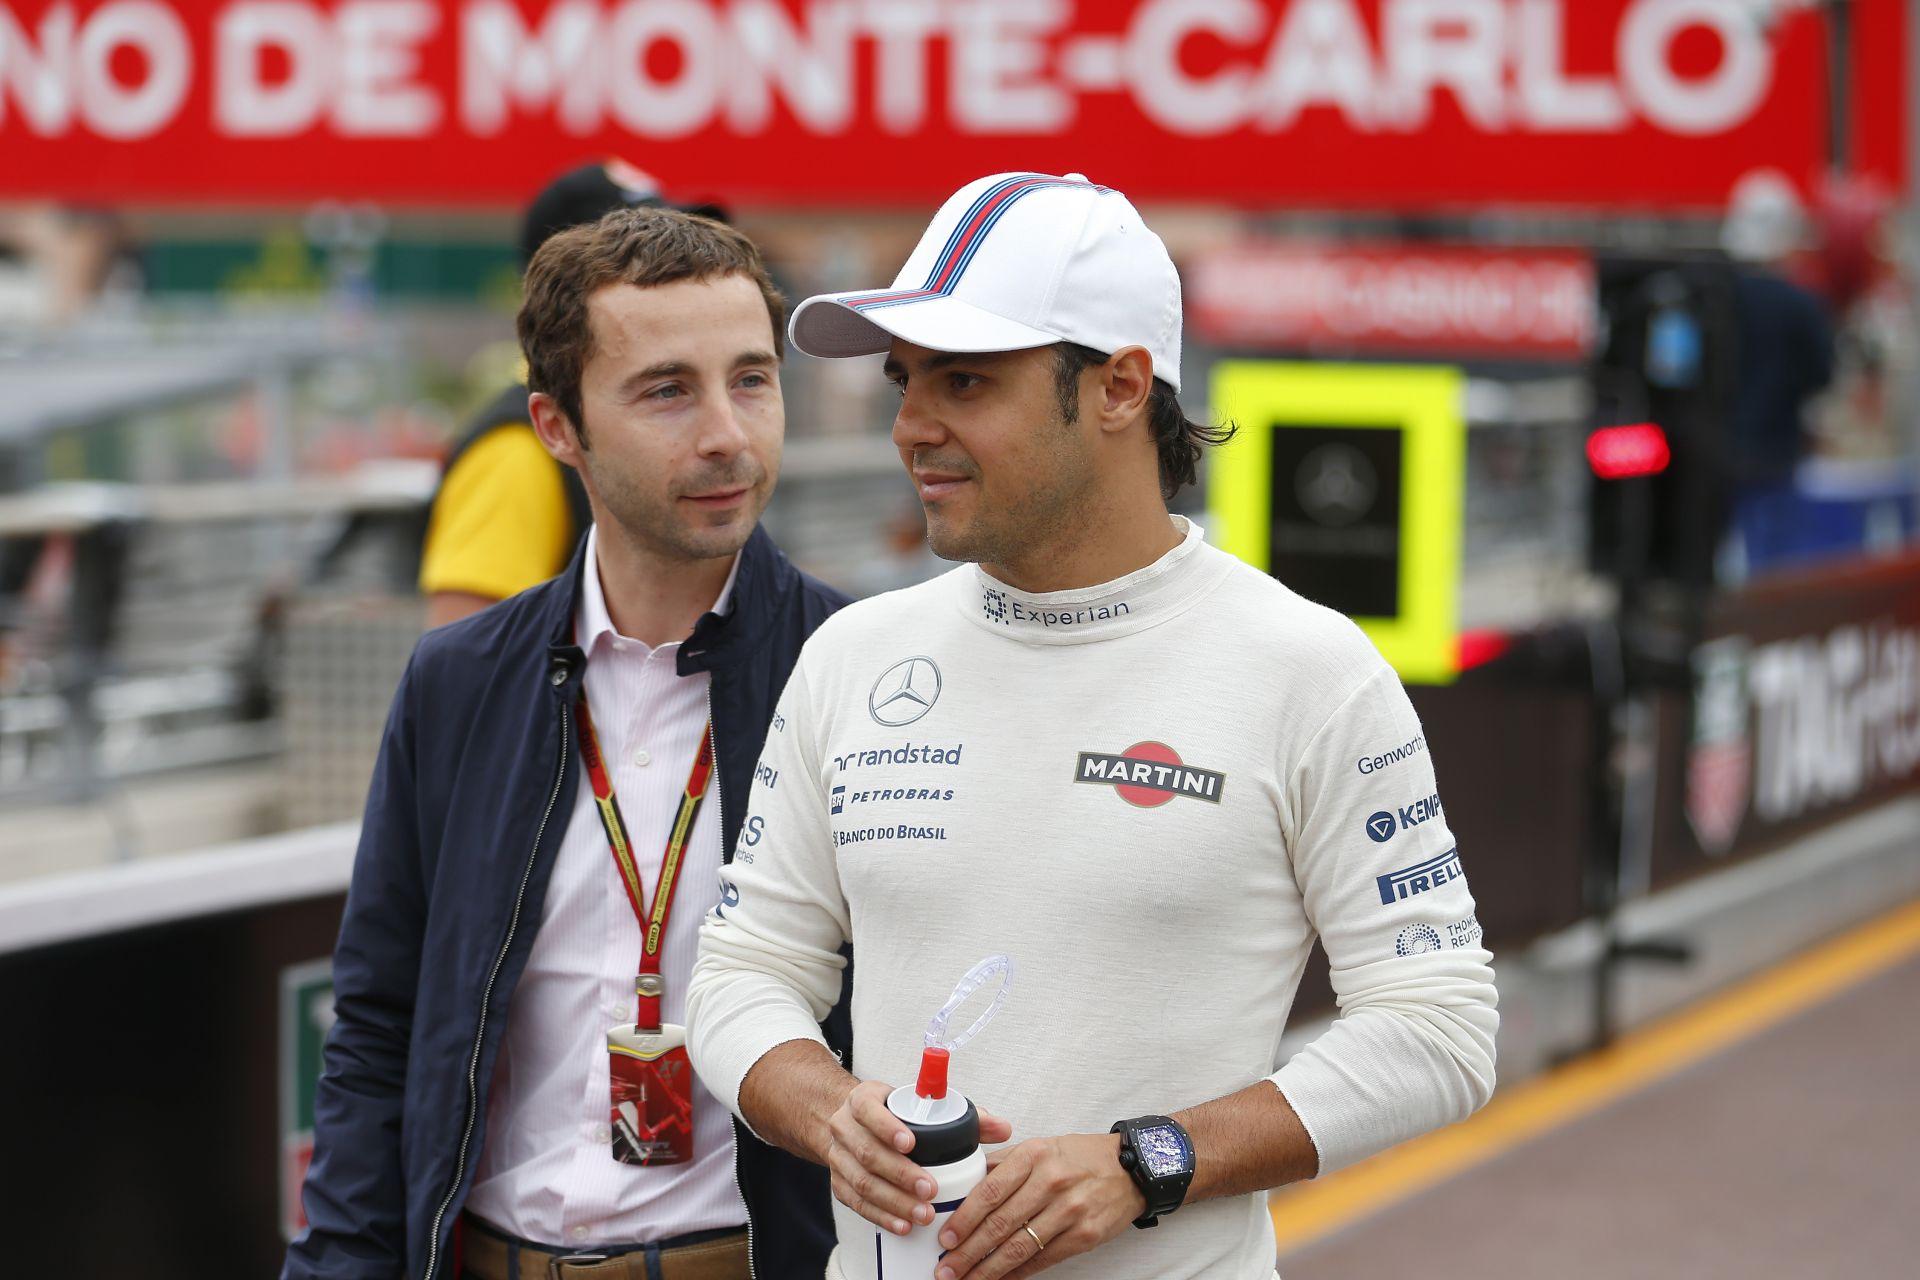 Massa: Örülök, hogy a Ferrari már nem akart engem! A Williamsnél tisztelnek!